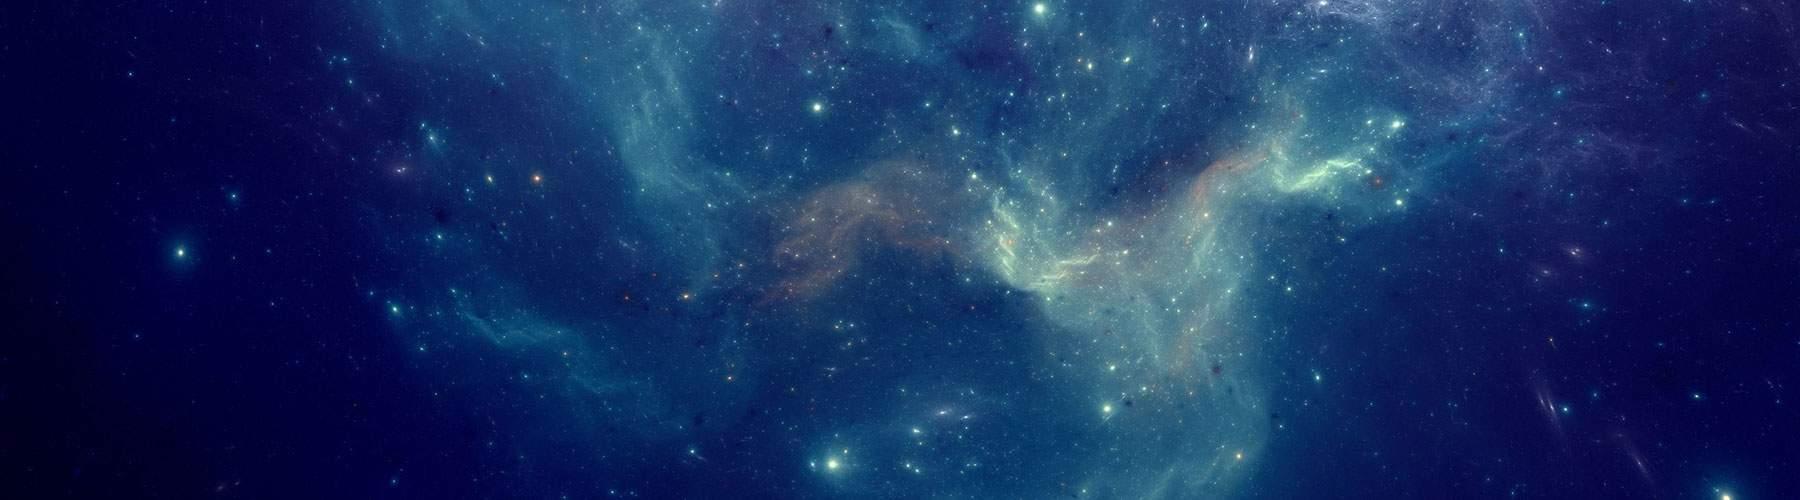 slider_bkg_nebula-1